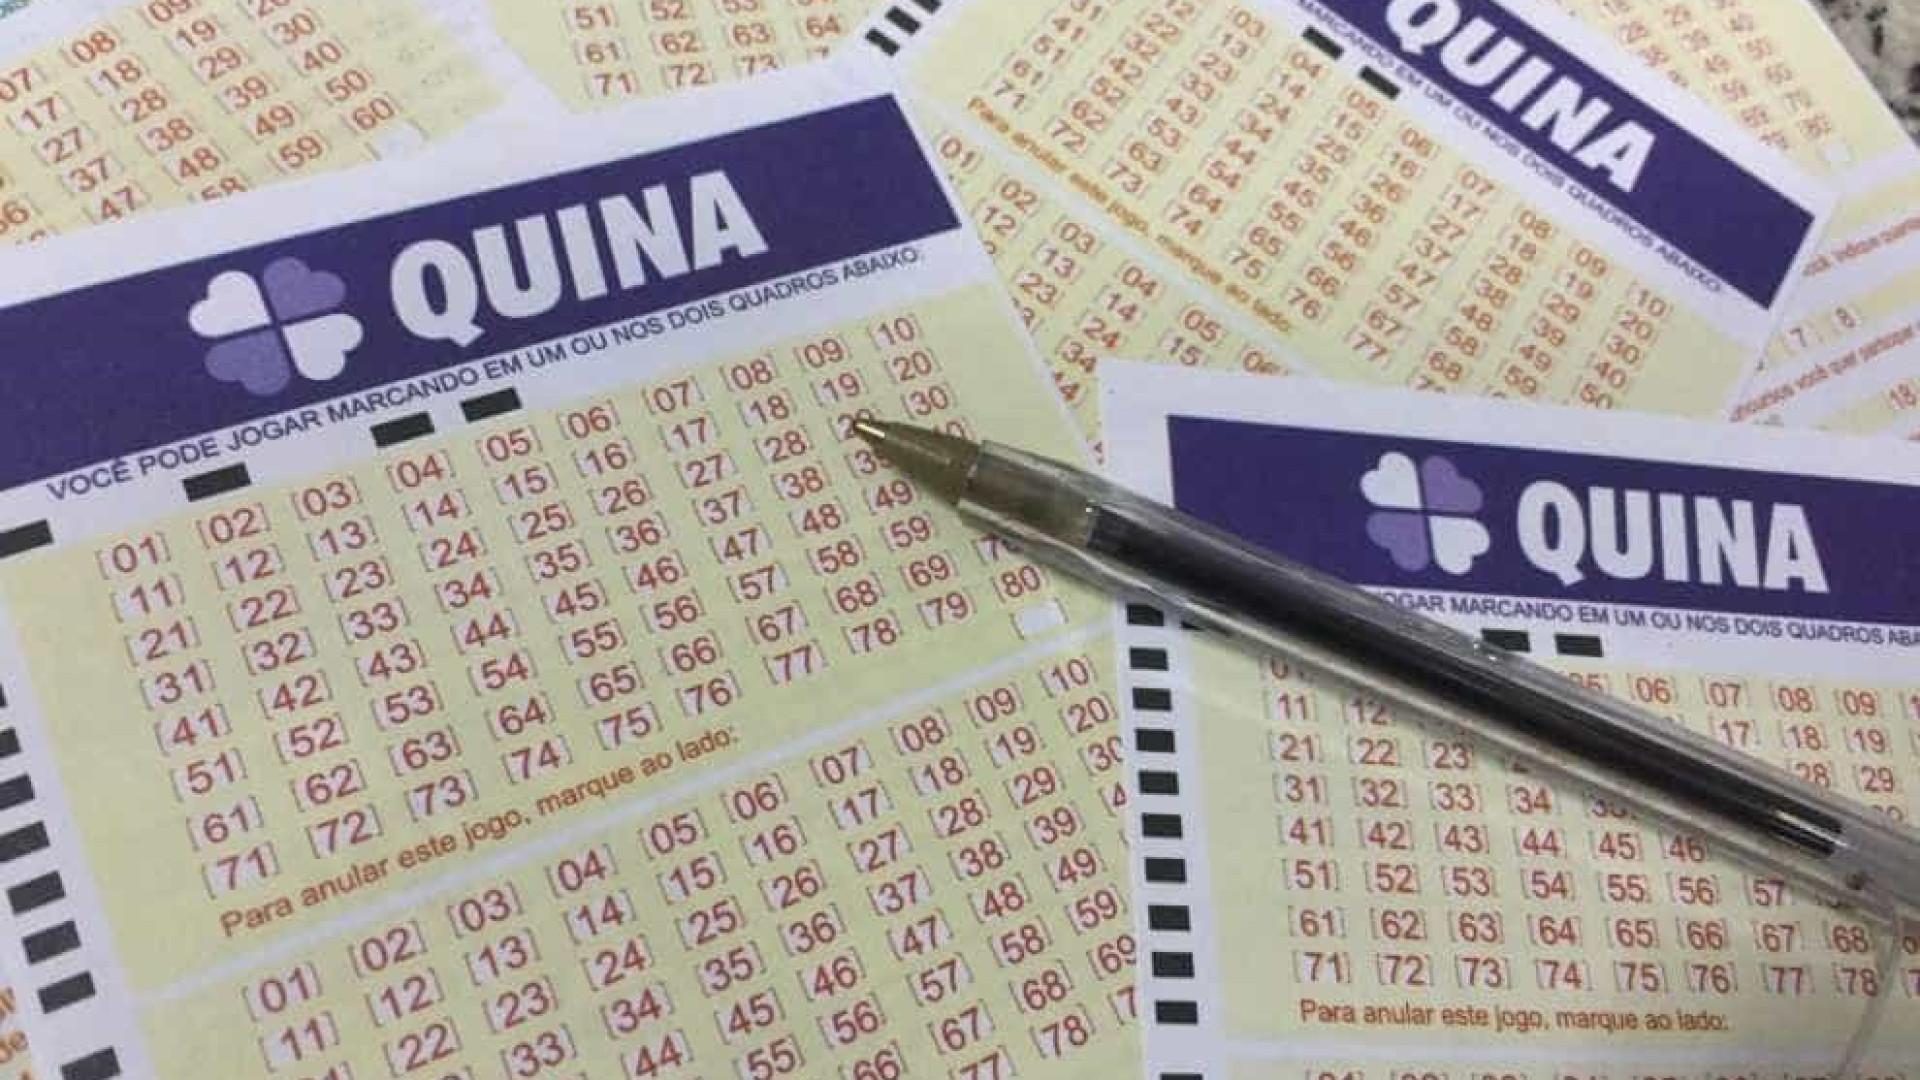 Apostador de Porto Alegre ganha R$ 1,3 milhão em sorteio da Quina